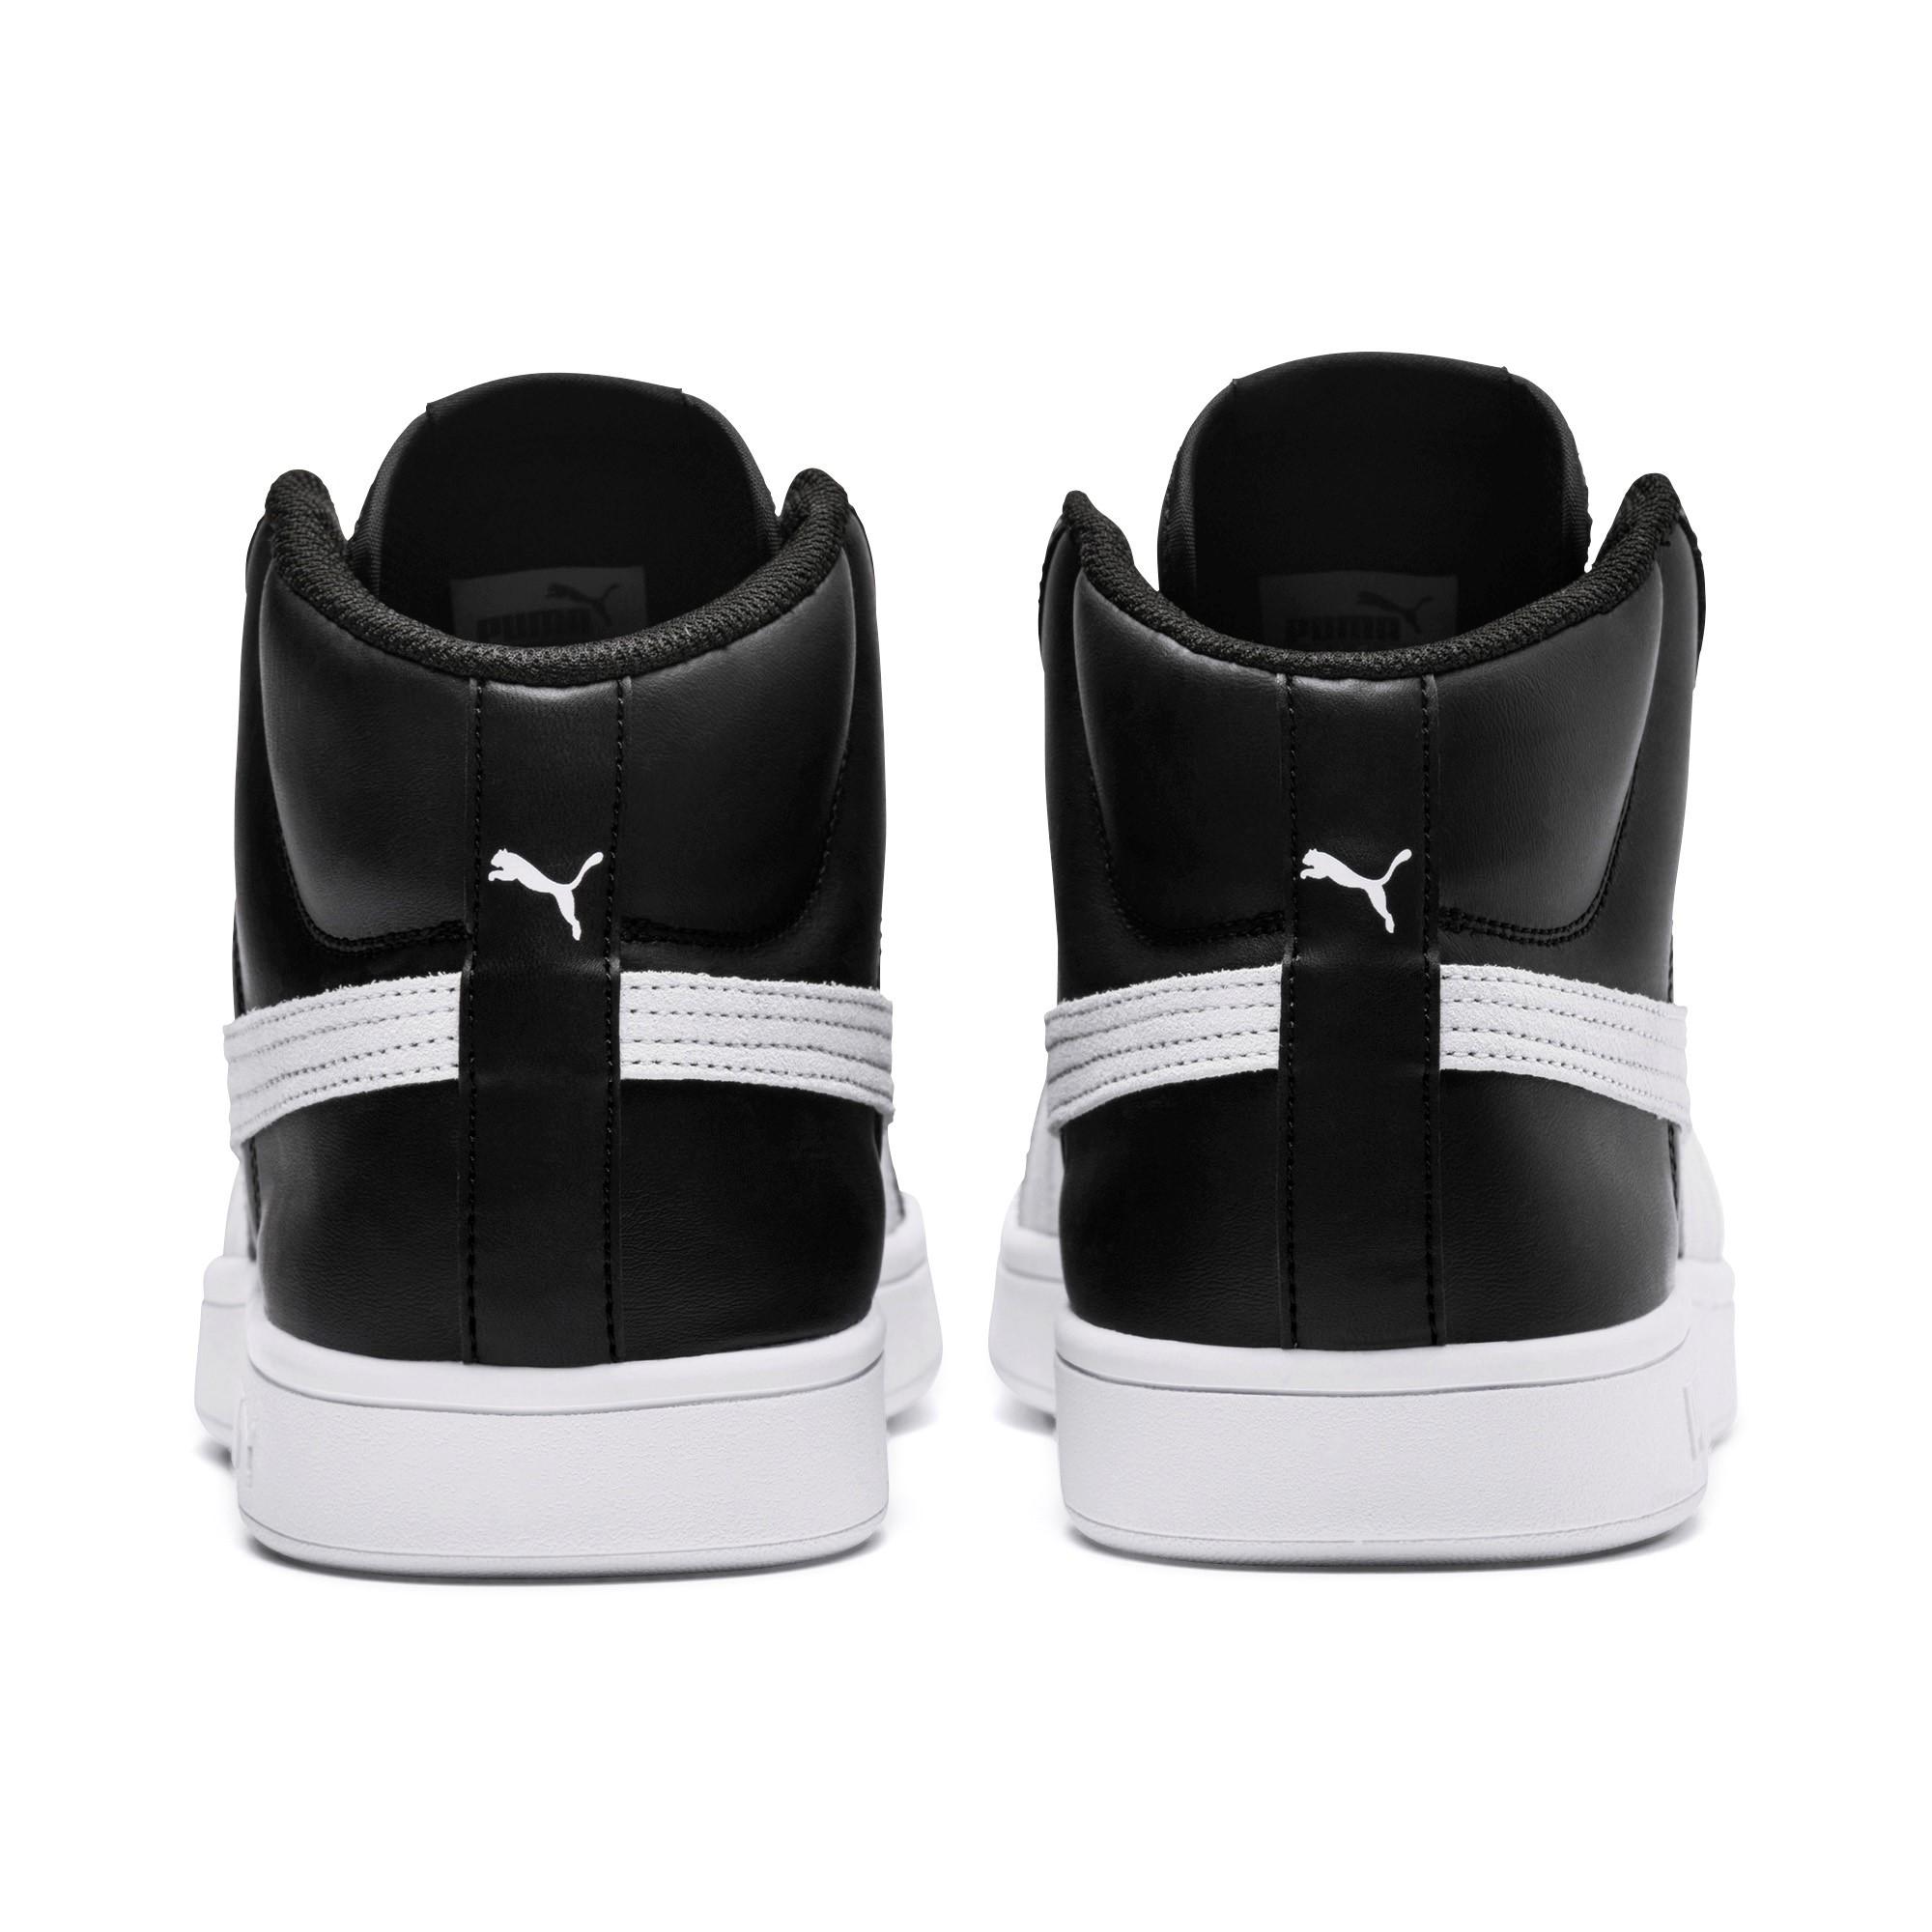 Puma-Scarpe-Sneakers-Sportive-Sportswear-SMASH-V2-L-Mid-2018-19-Nero-Uomo miniatura 4